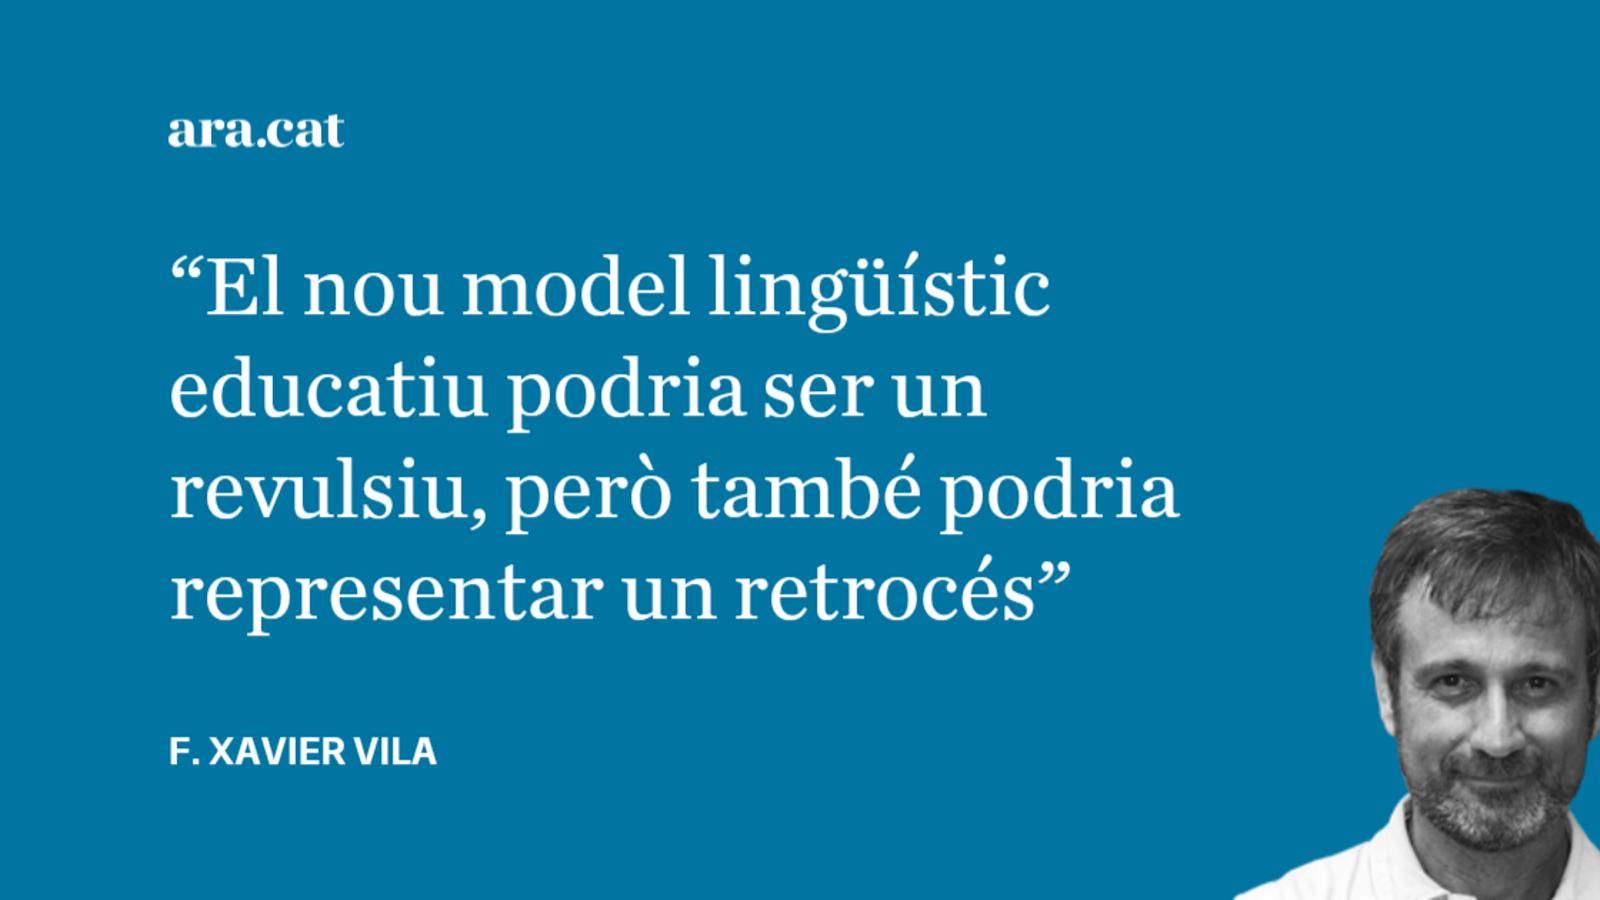 El nou model lingüístic escolar, una aposta